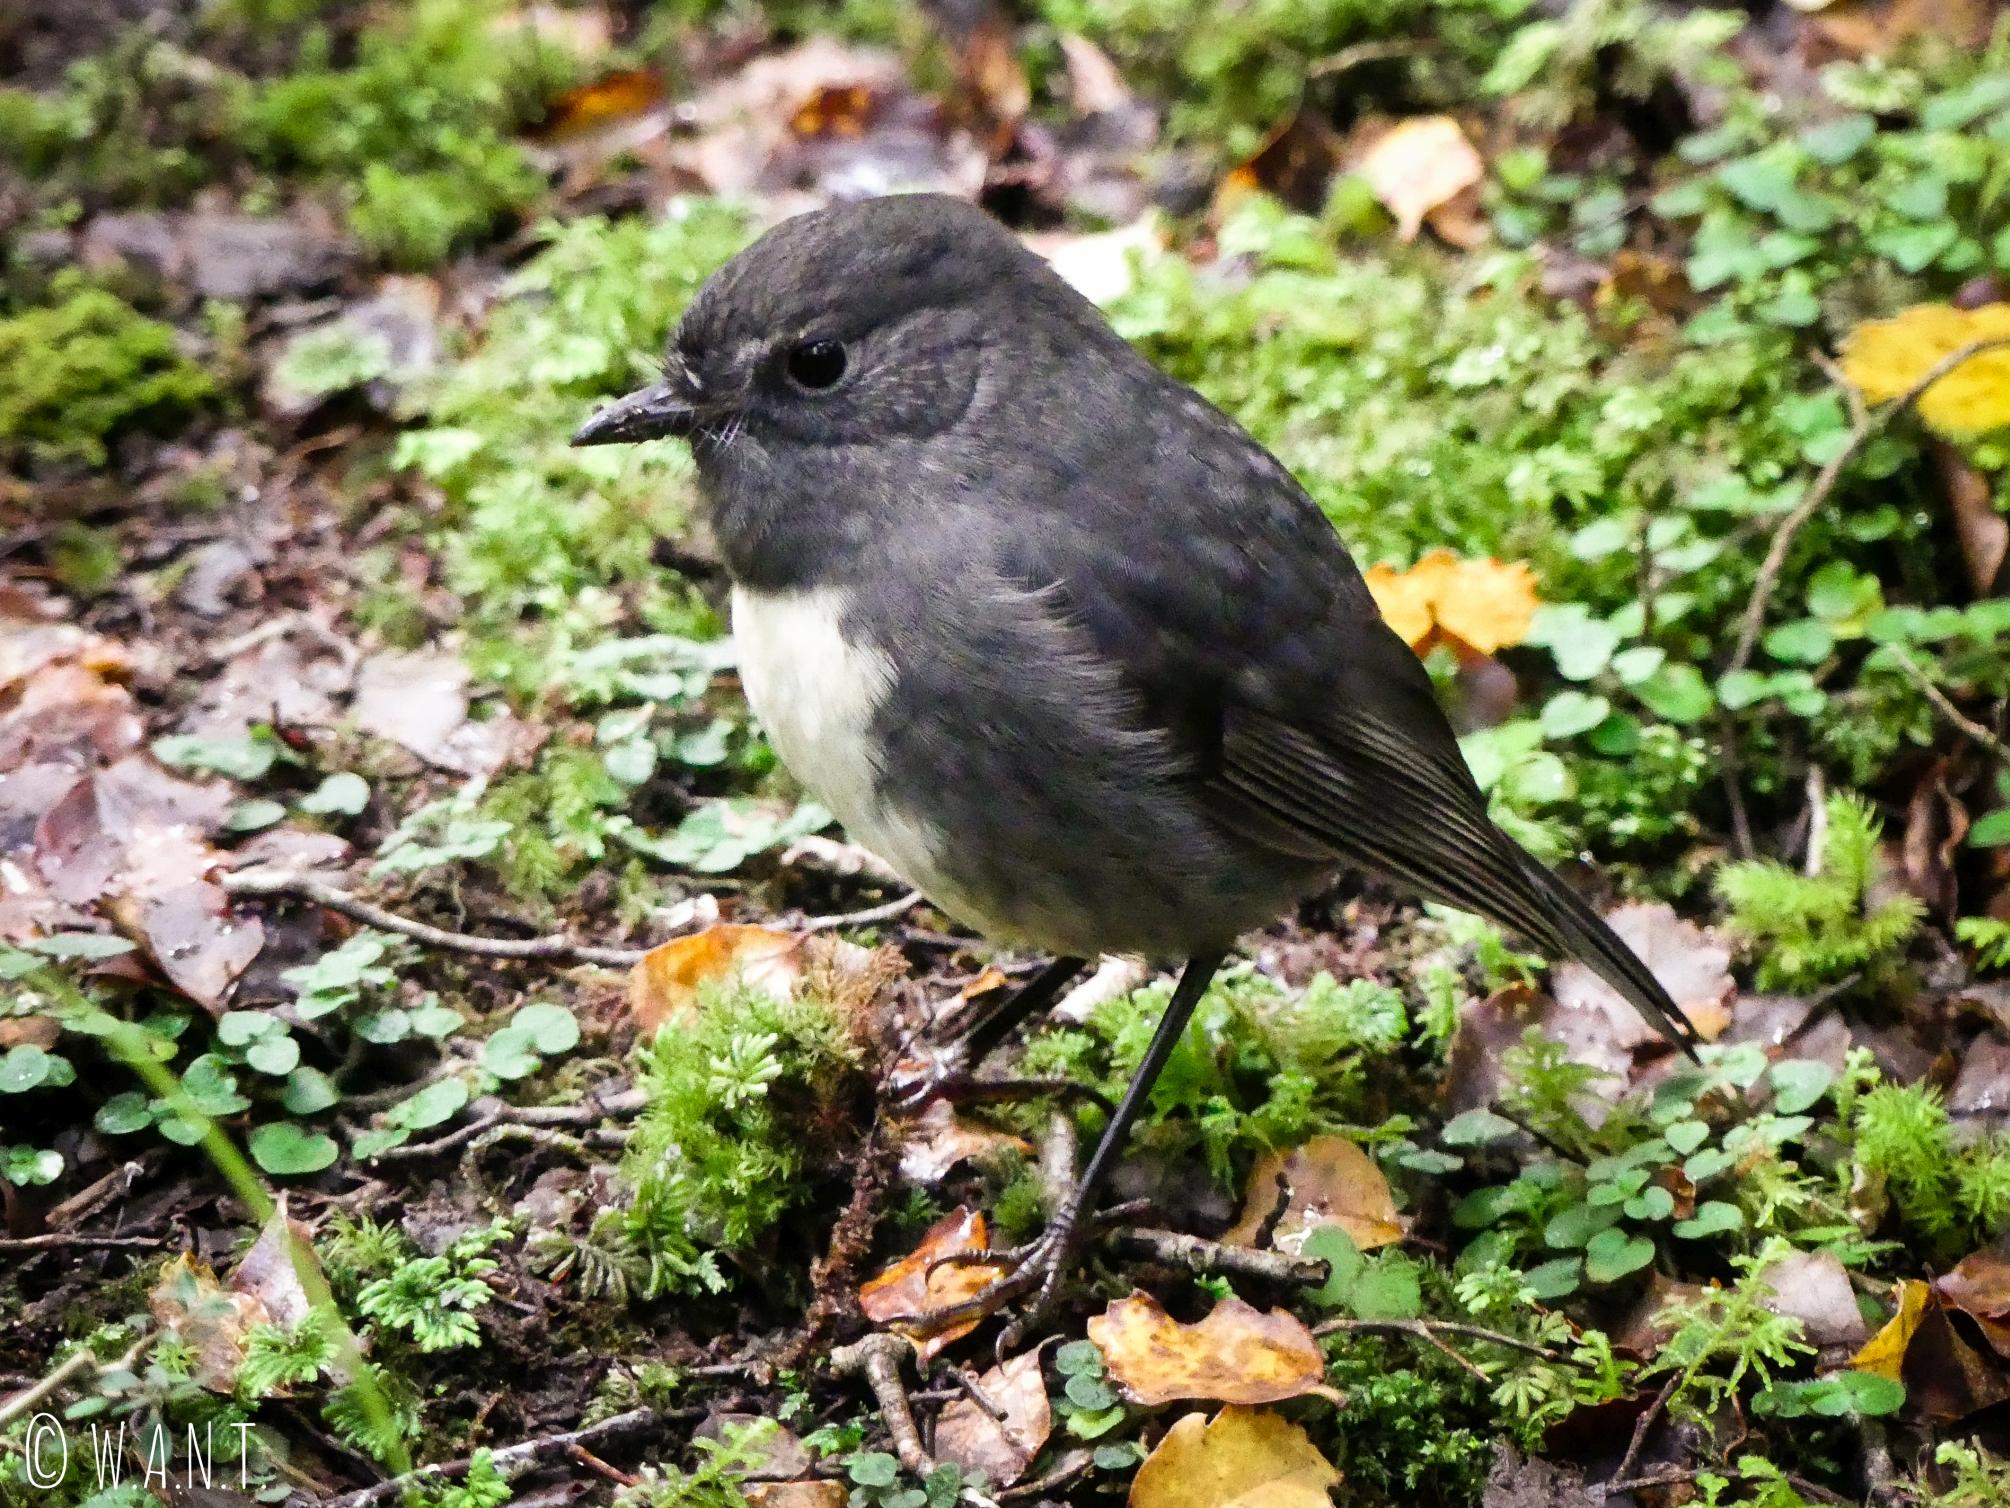 Nous sommes accompagnés par les oiseaux durant notre randonnée au Gunn Lake en Nouvelle-Zélande